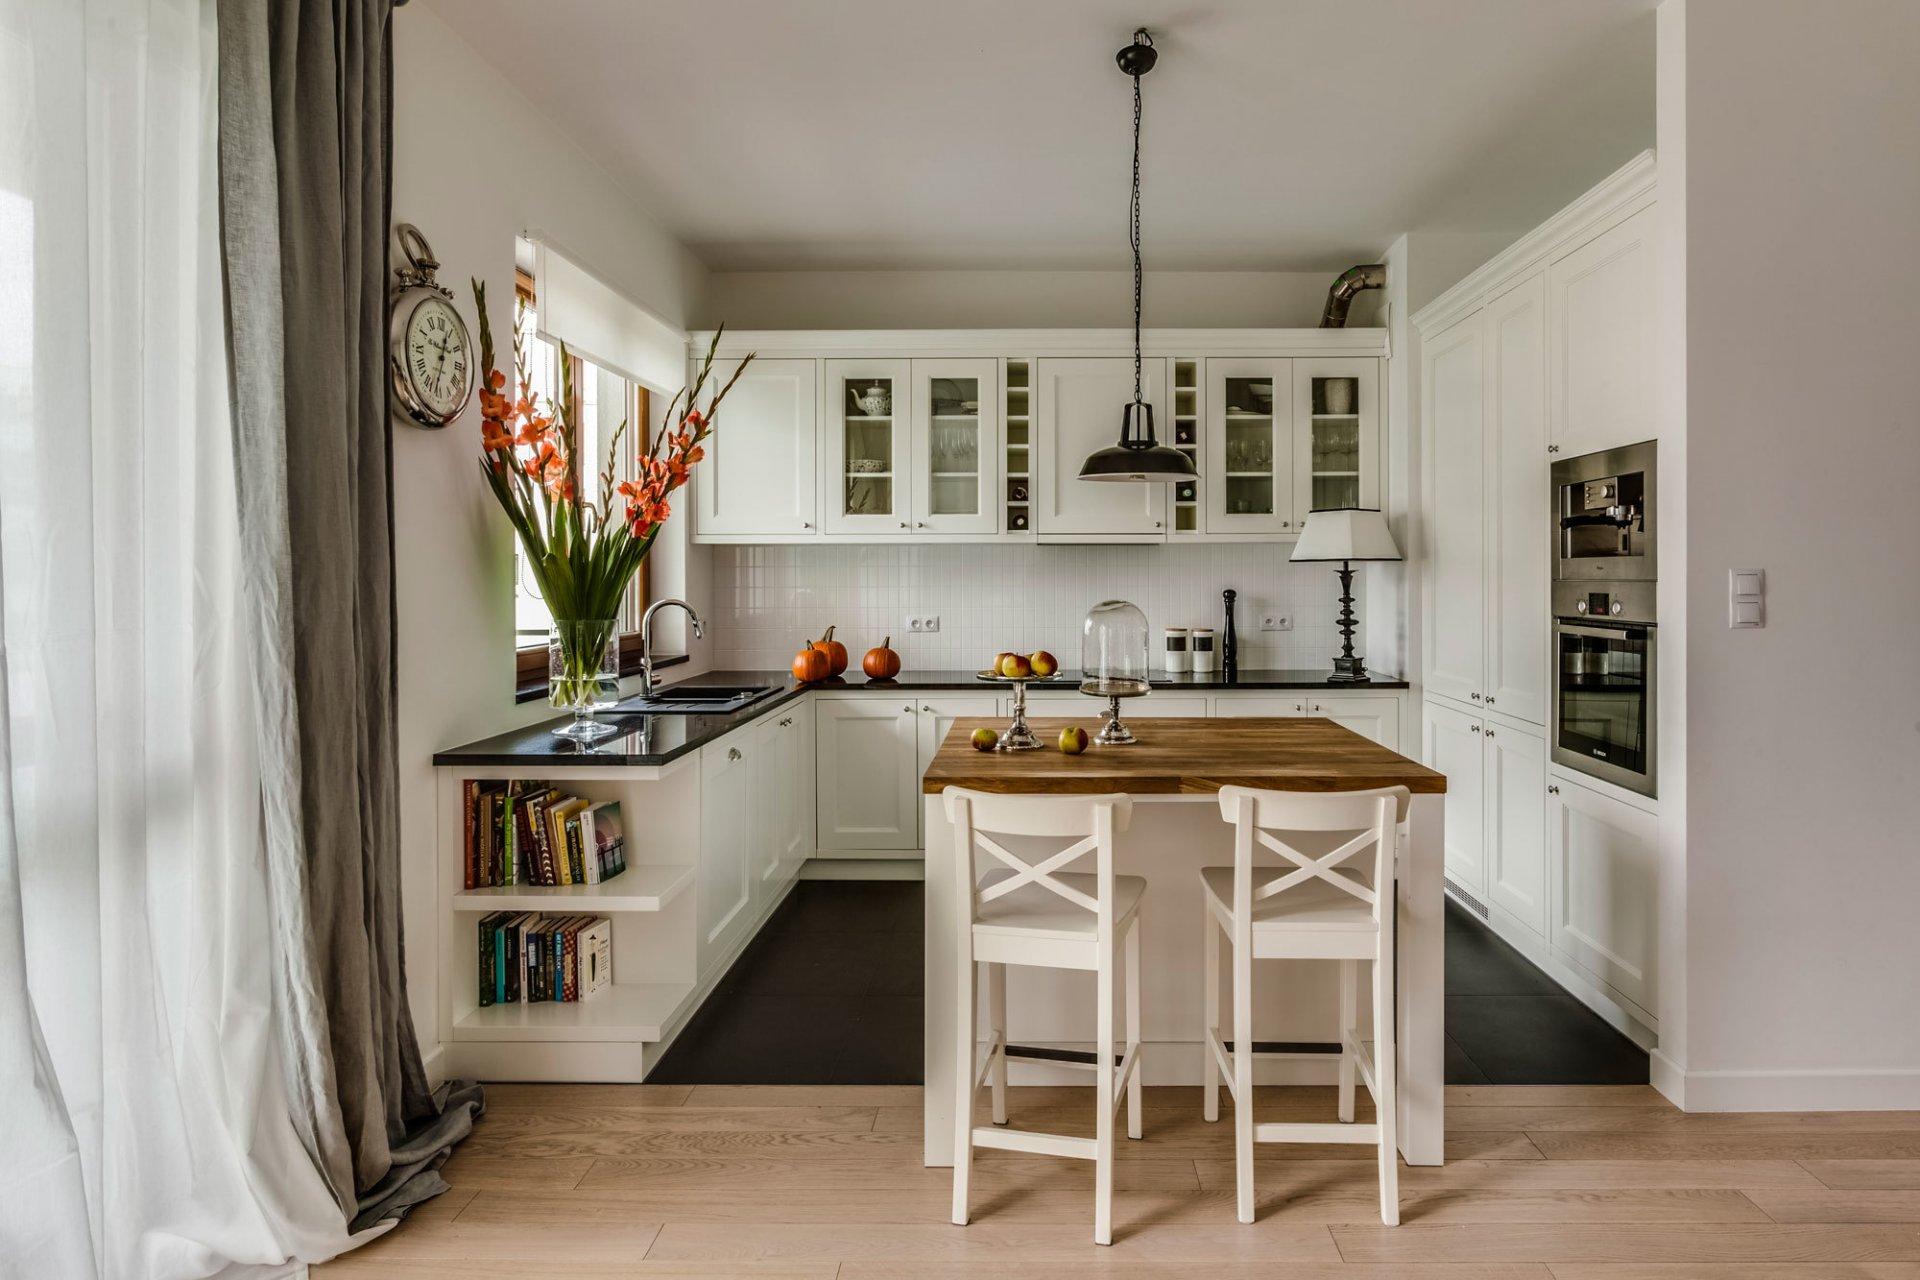 Интерьер кухня дизайн hd обои для ноутбука.